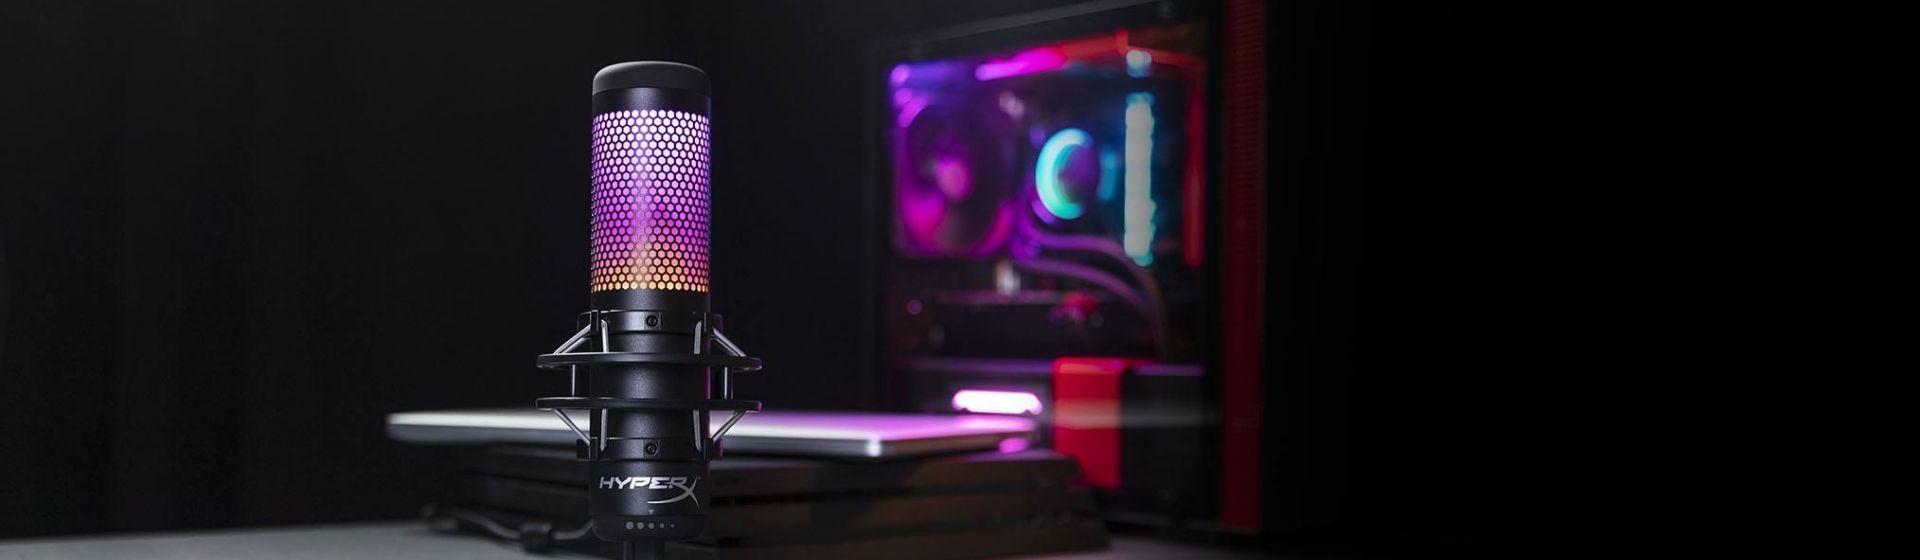 Melhor microfone gamer de 2021: 5 produtos perfeitos para a jogatina